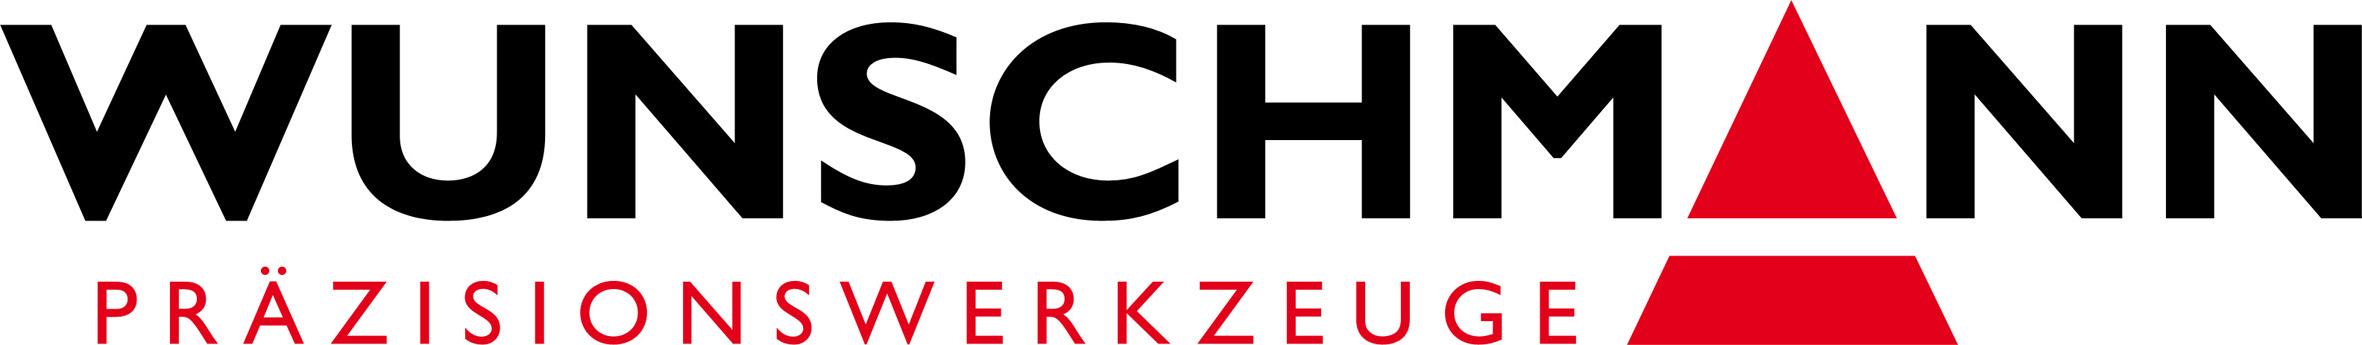 Wunschmann GmbH